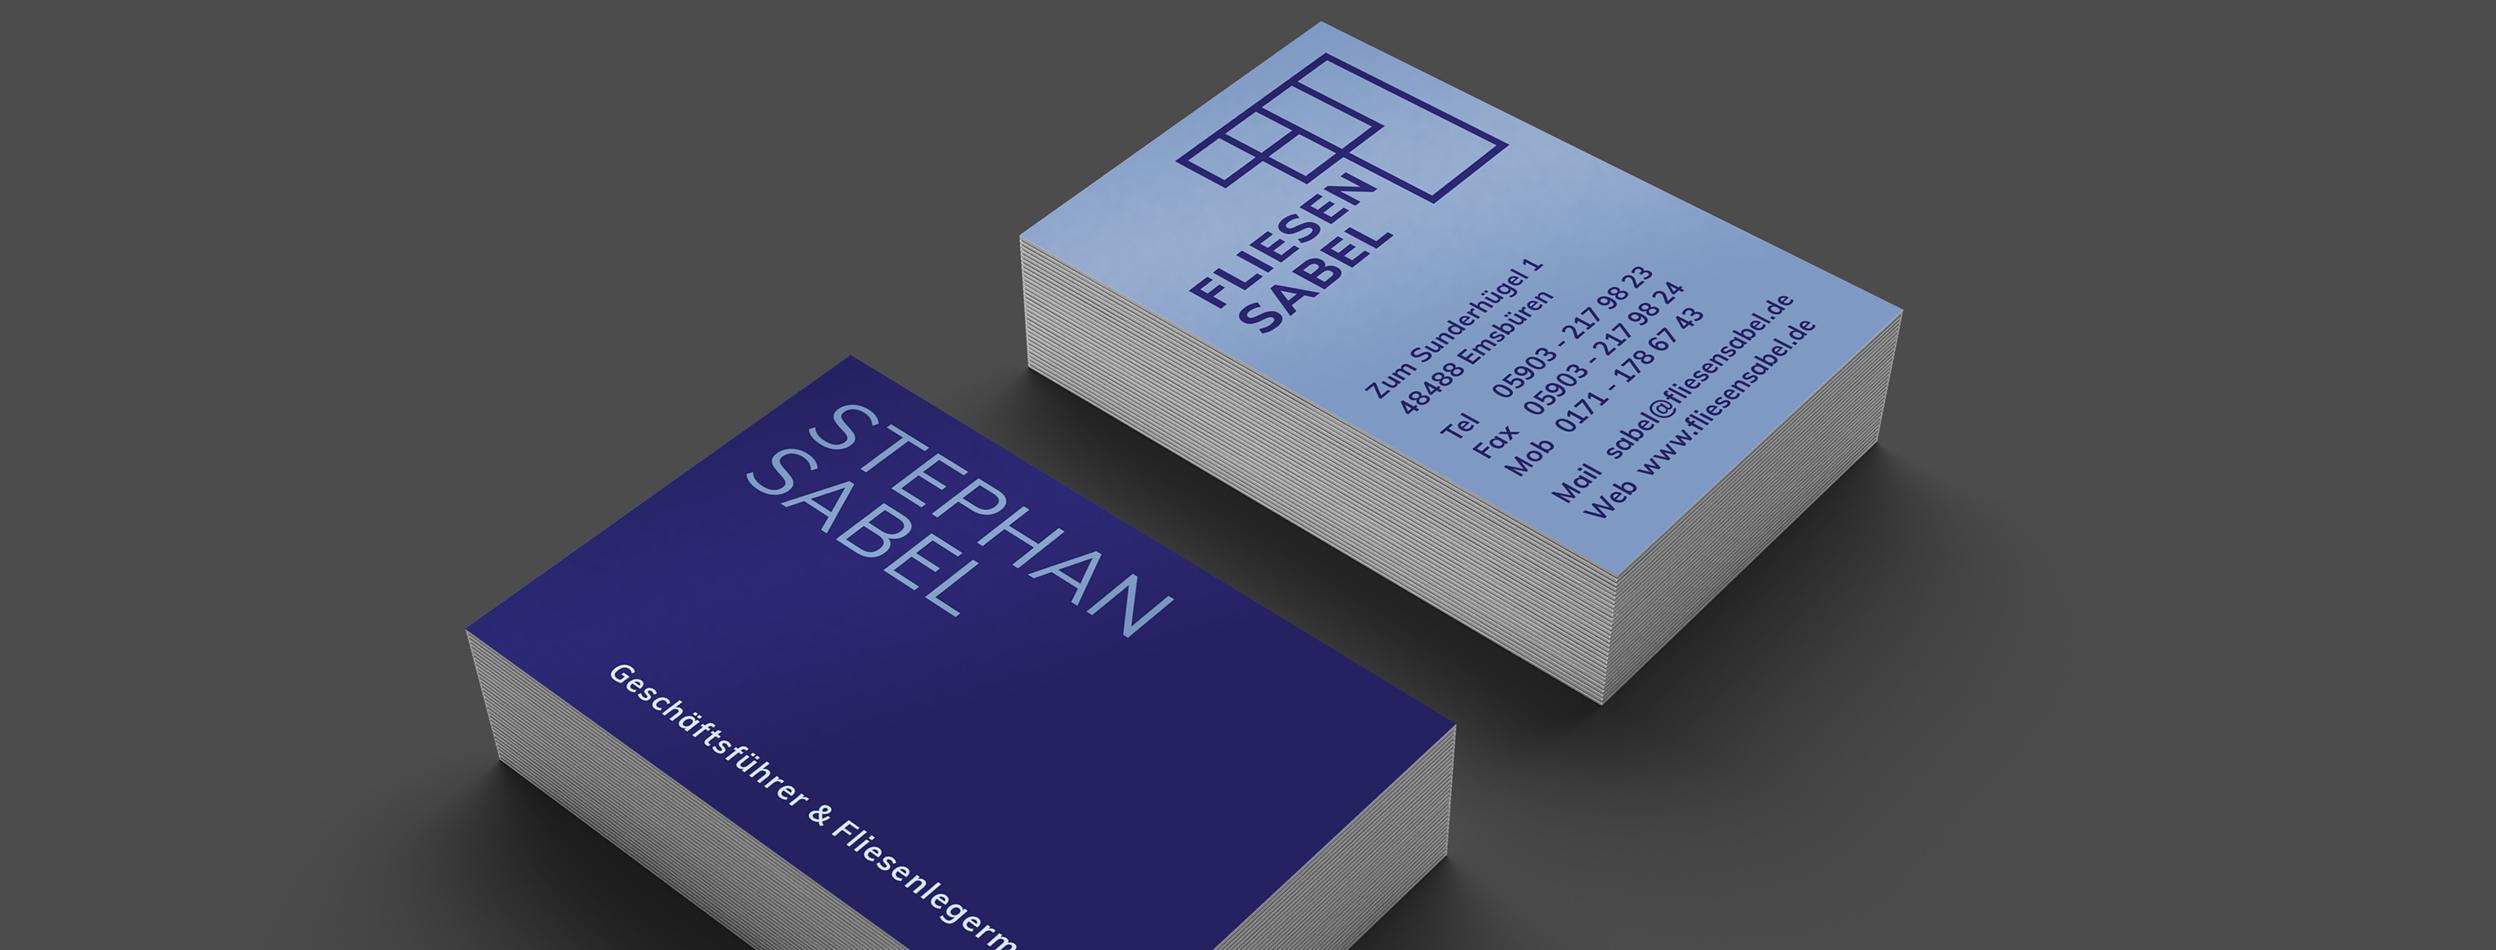 fliesen sabel Visitenkarten TWINNERS Zwillingsagentur Werbeagentur Designagentur Design Werbung Konzept Emsbüren Plettenberg